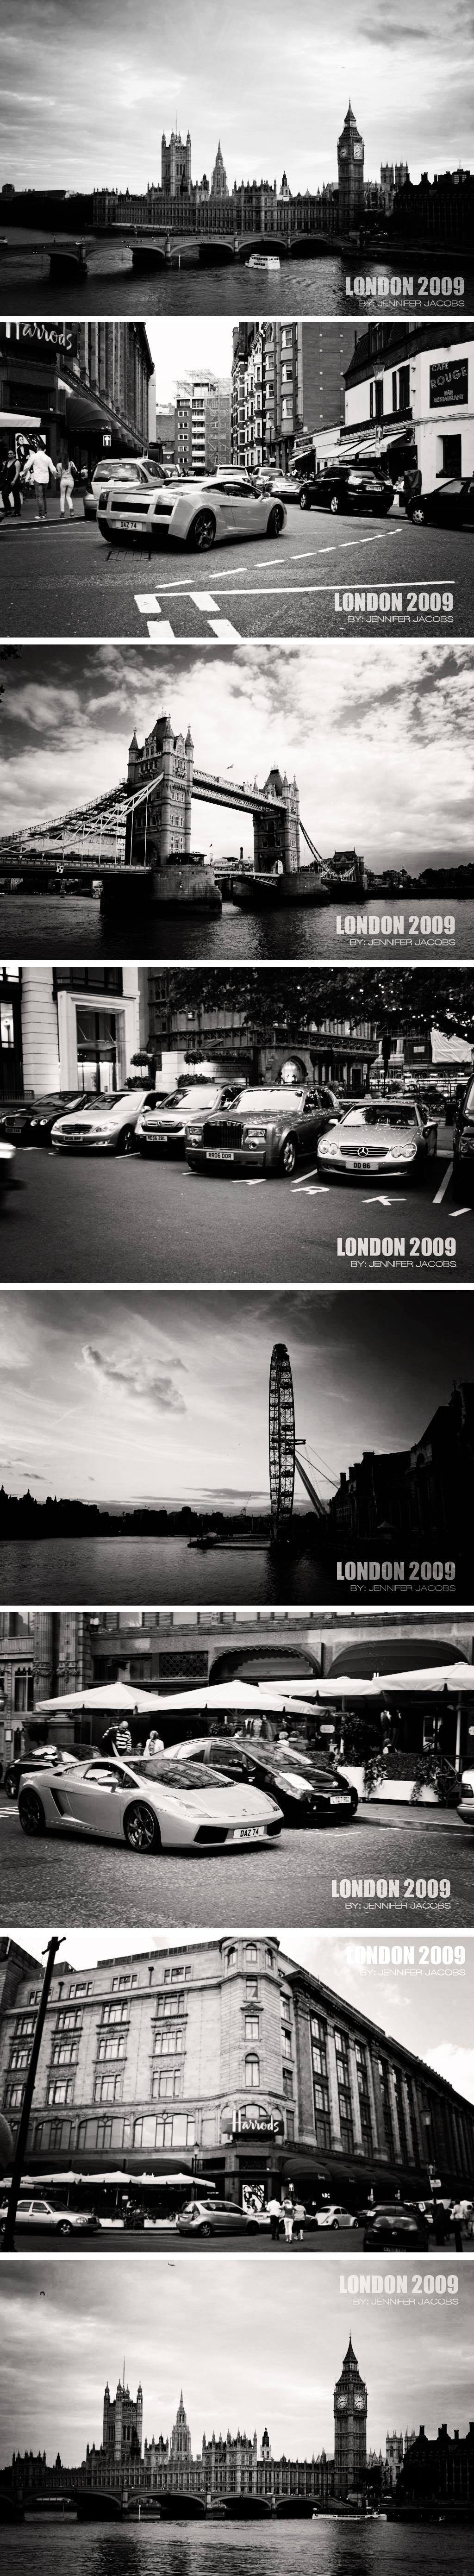 London 2009 by Jennifer Jacobs